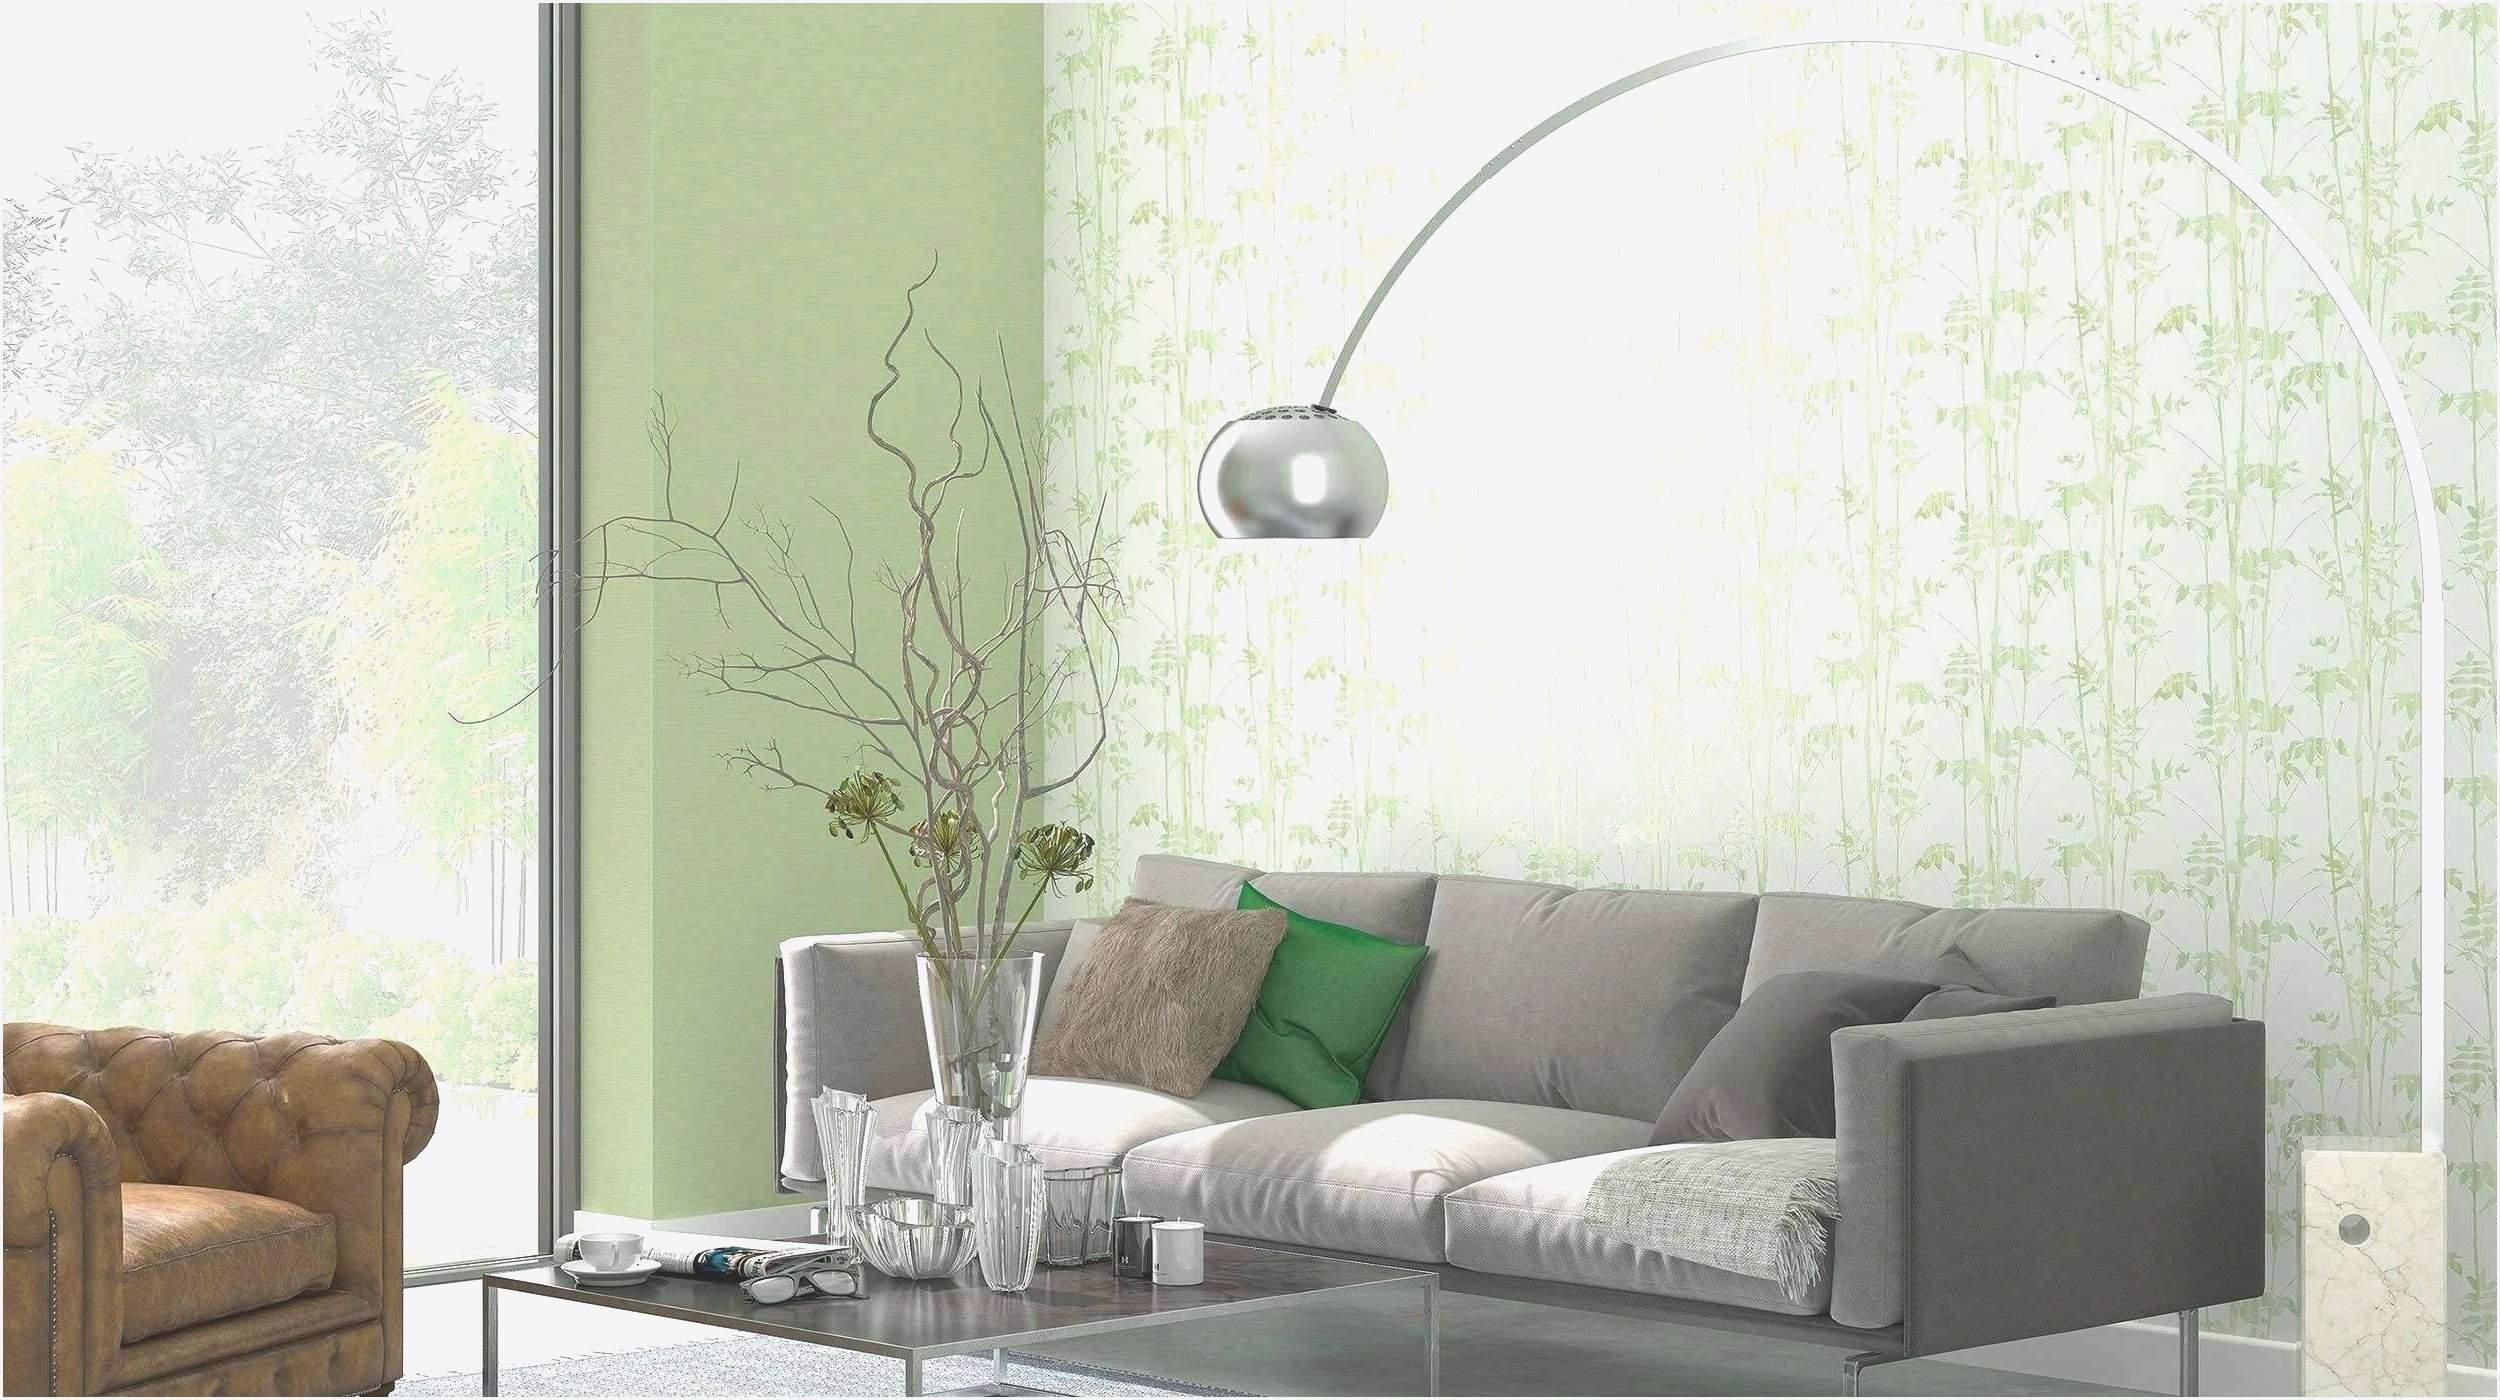 bilder fuer wohnzimmer aus glas